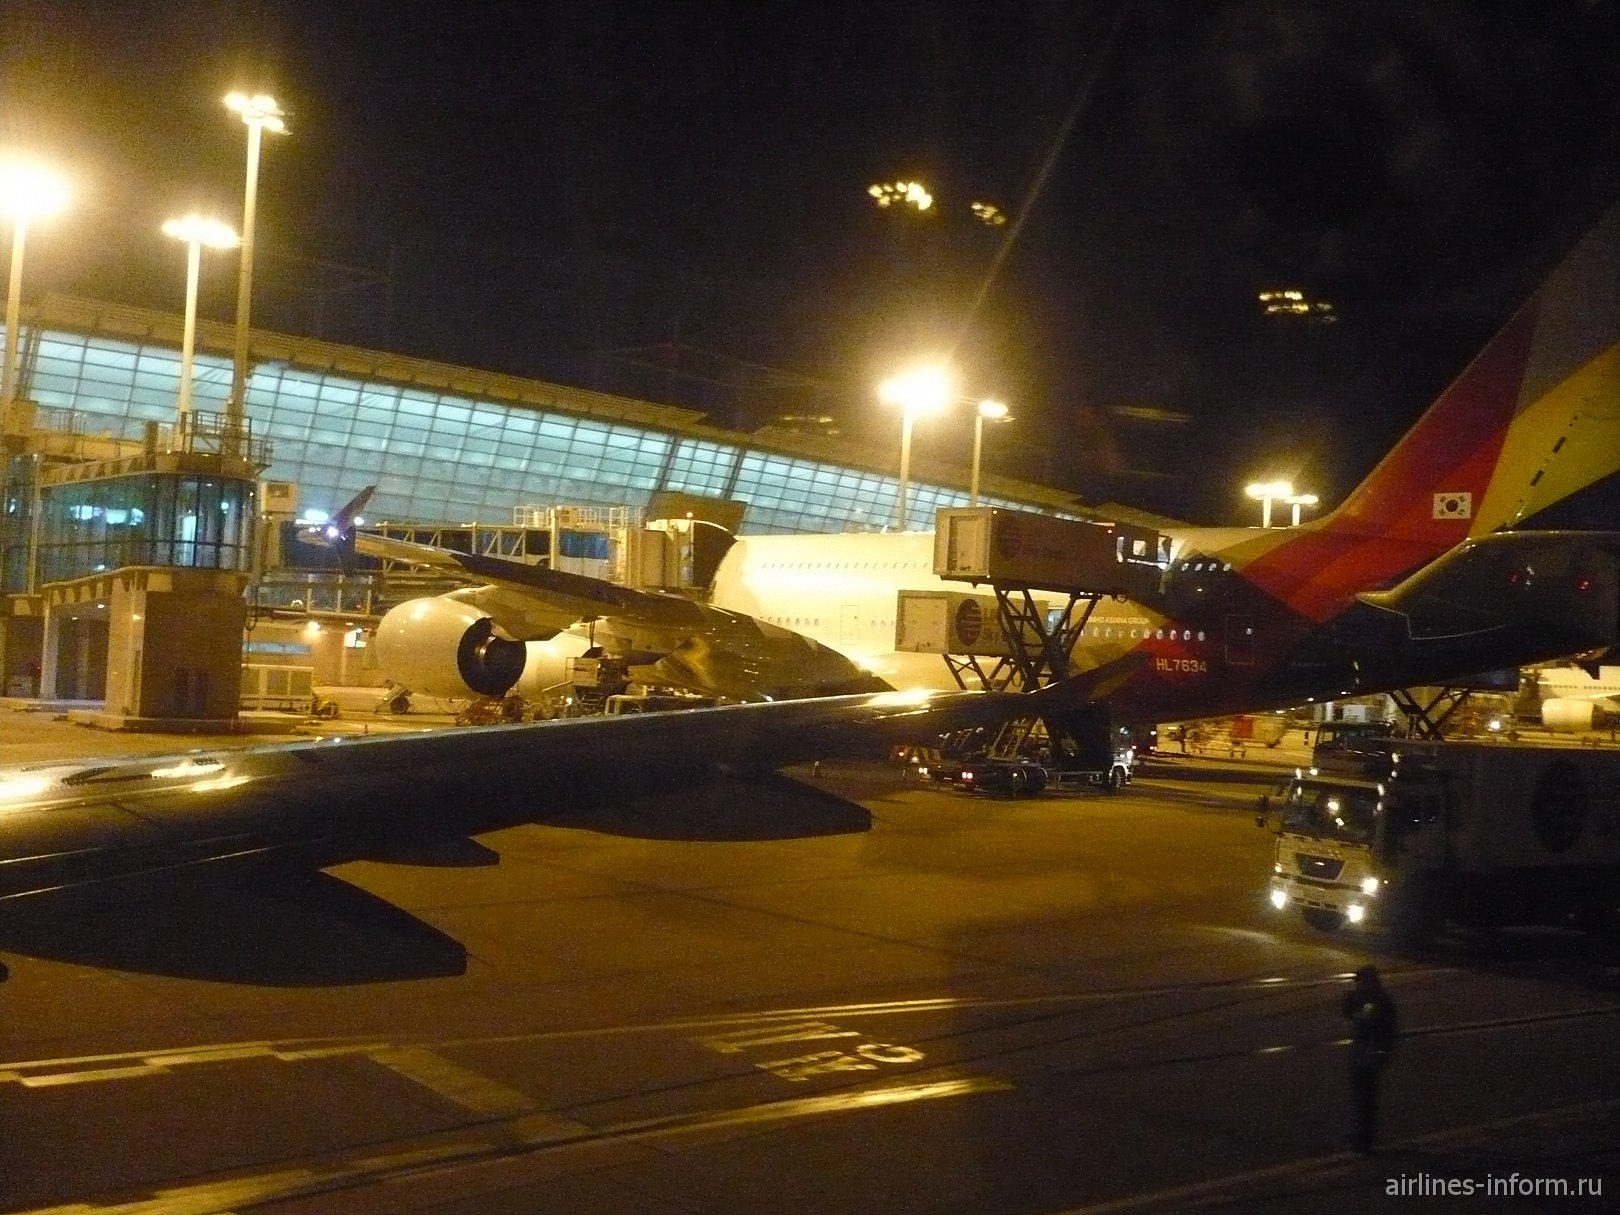 Двигаемся по ВПП. Несколько фото самого большого пассажирского самолета. Хочу на нем полететь...